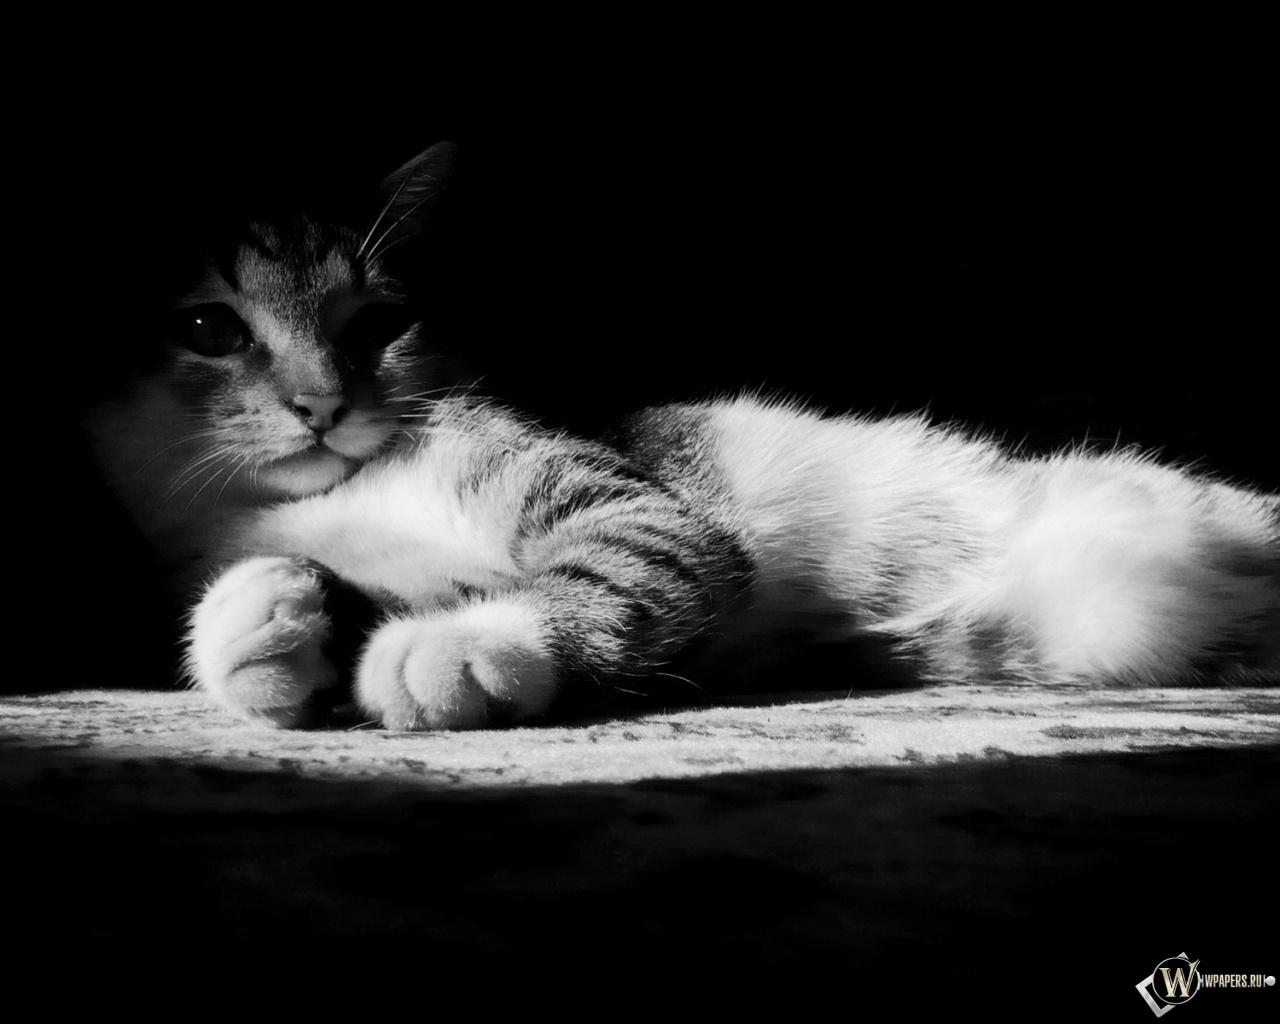 Котик в тени 1280x1024